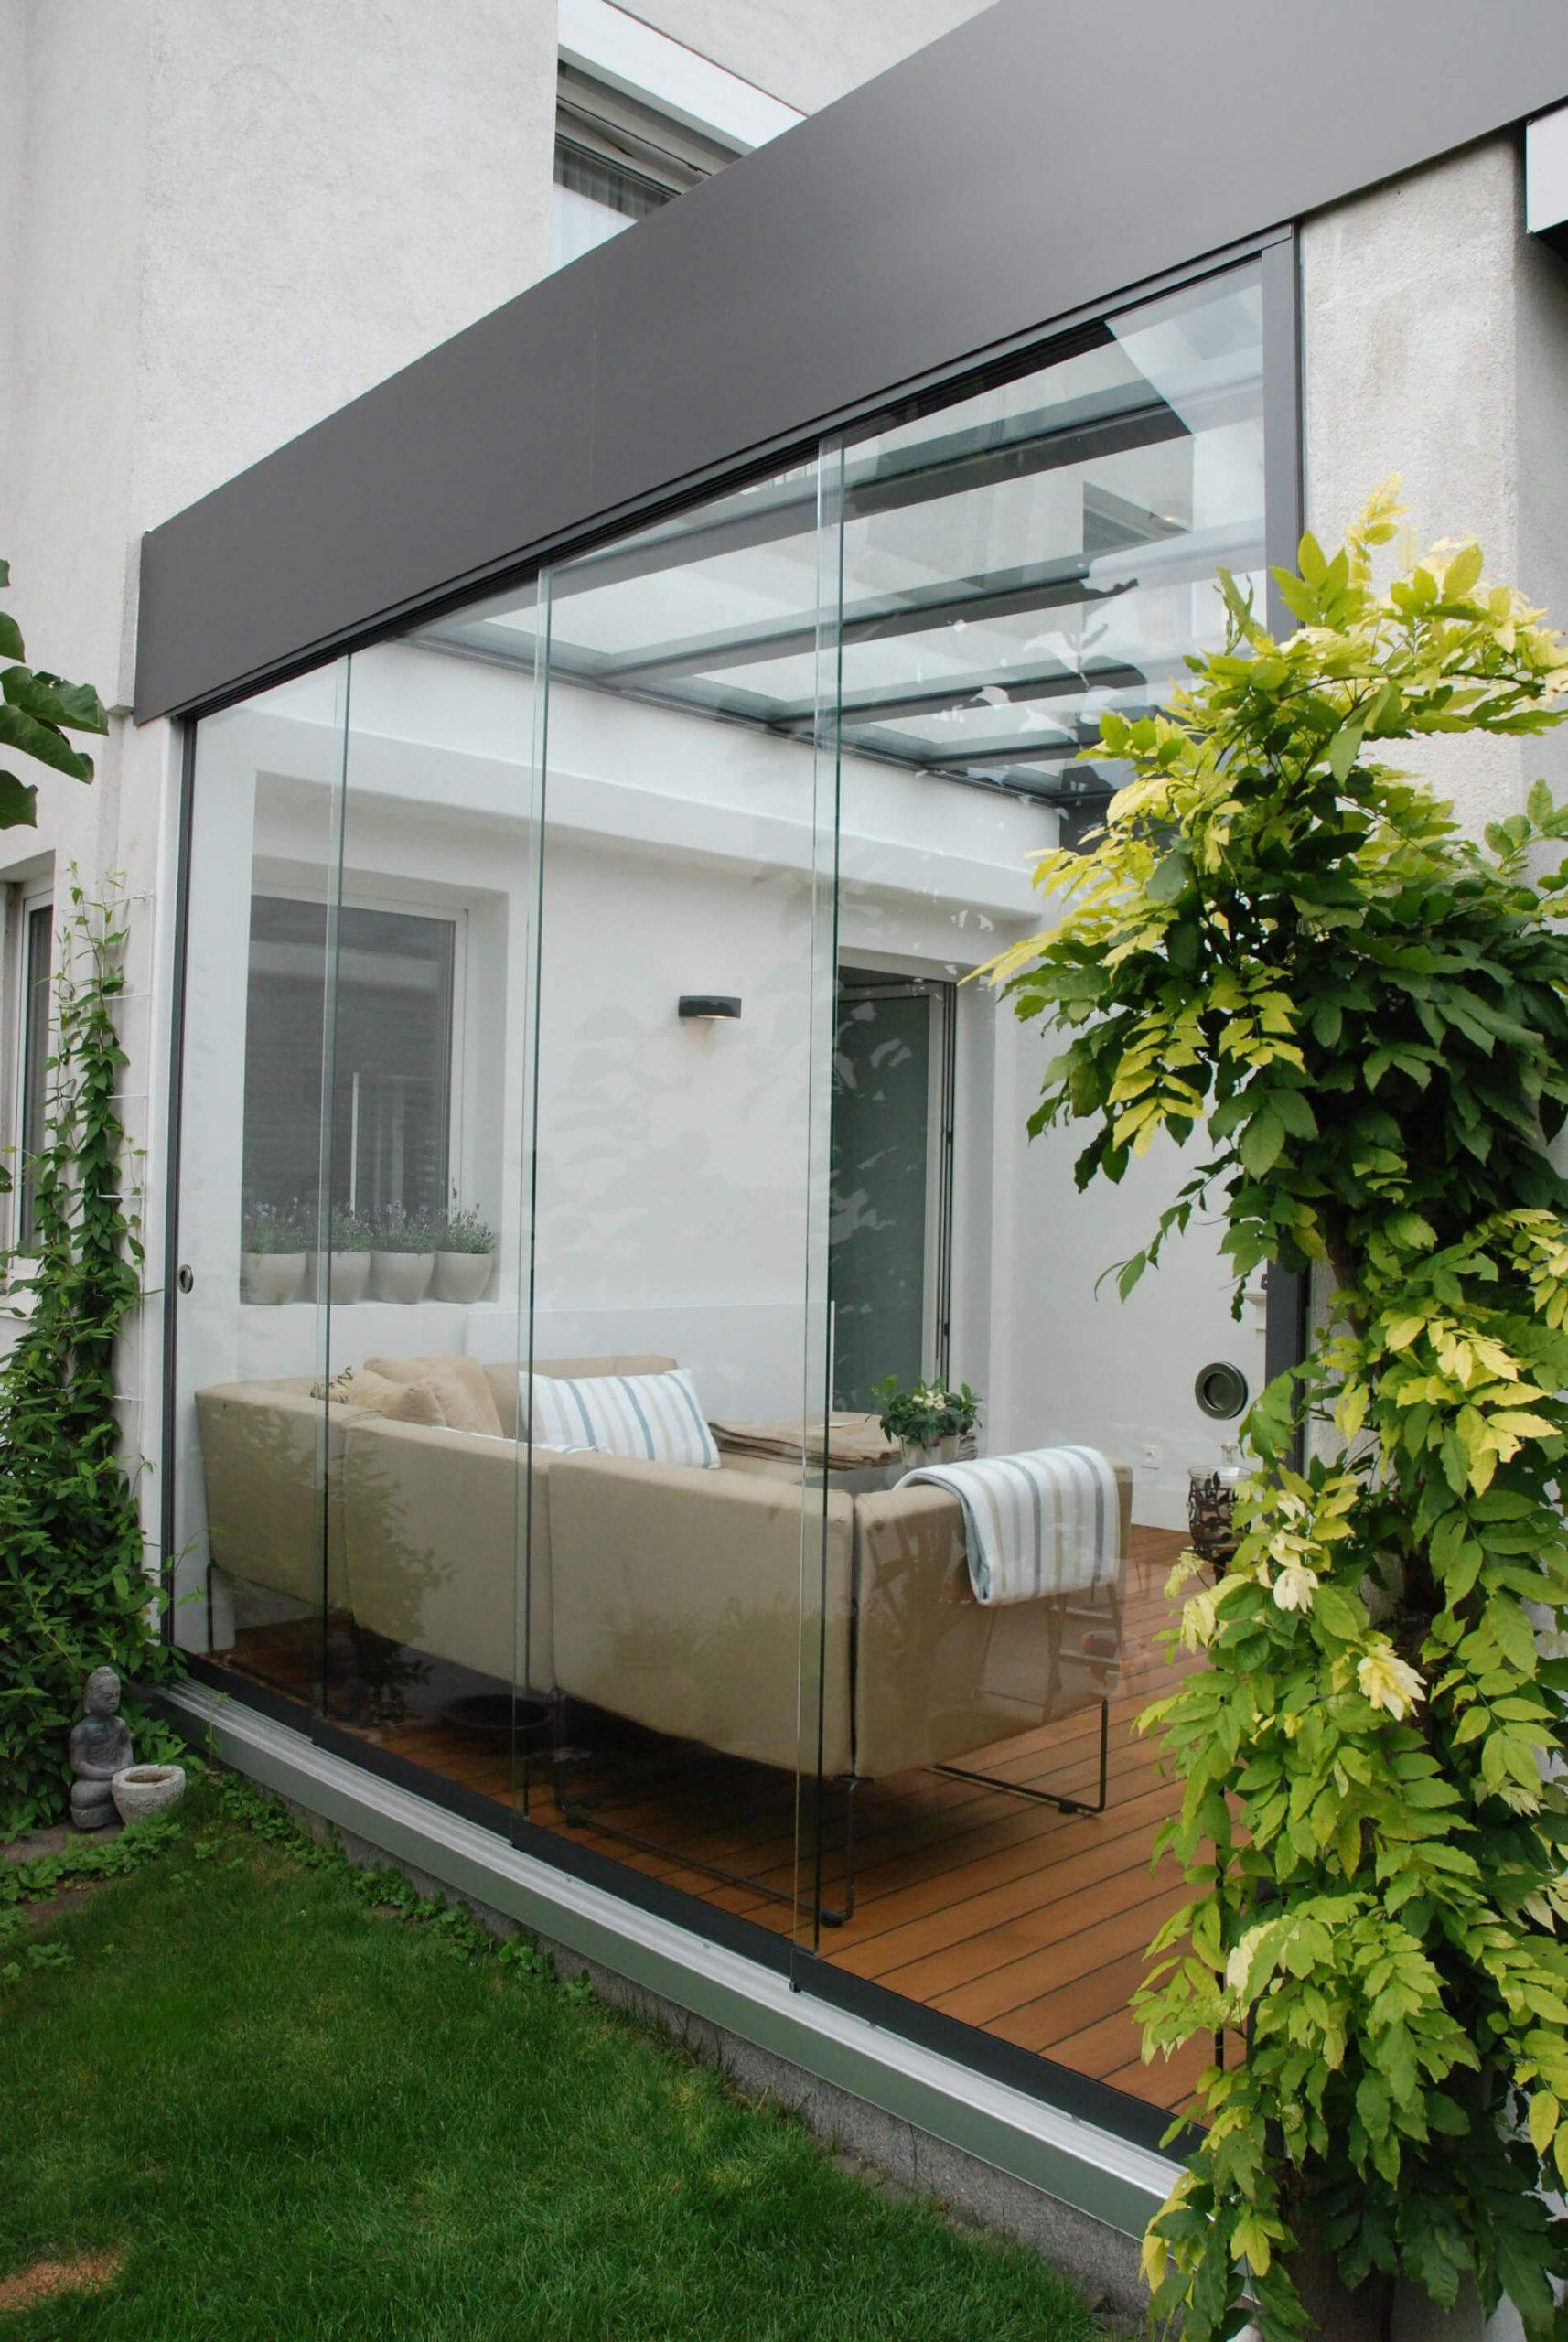 Terrasse Schiebetüren Systeme Mit Dachverglasung Aus Vsg ... intérieur Terrasse Couverte Fermée